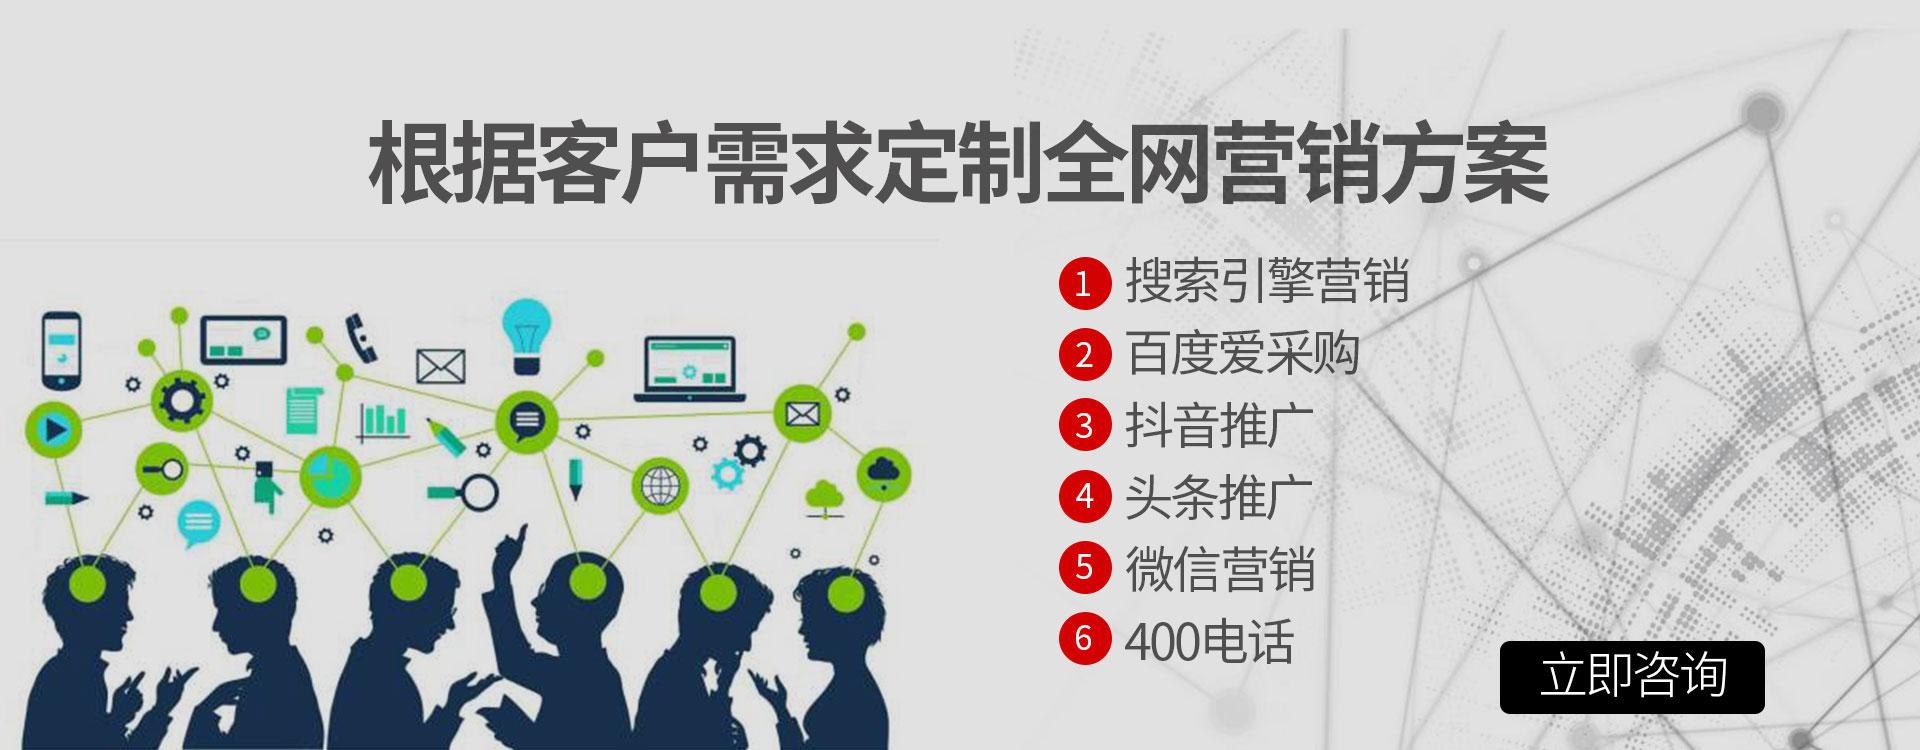 新疆网站建设,新疆网络公司,新疆优化公司请选新疆爱享优互联网信息服务有限公司